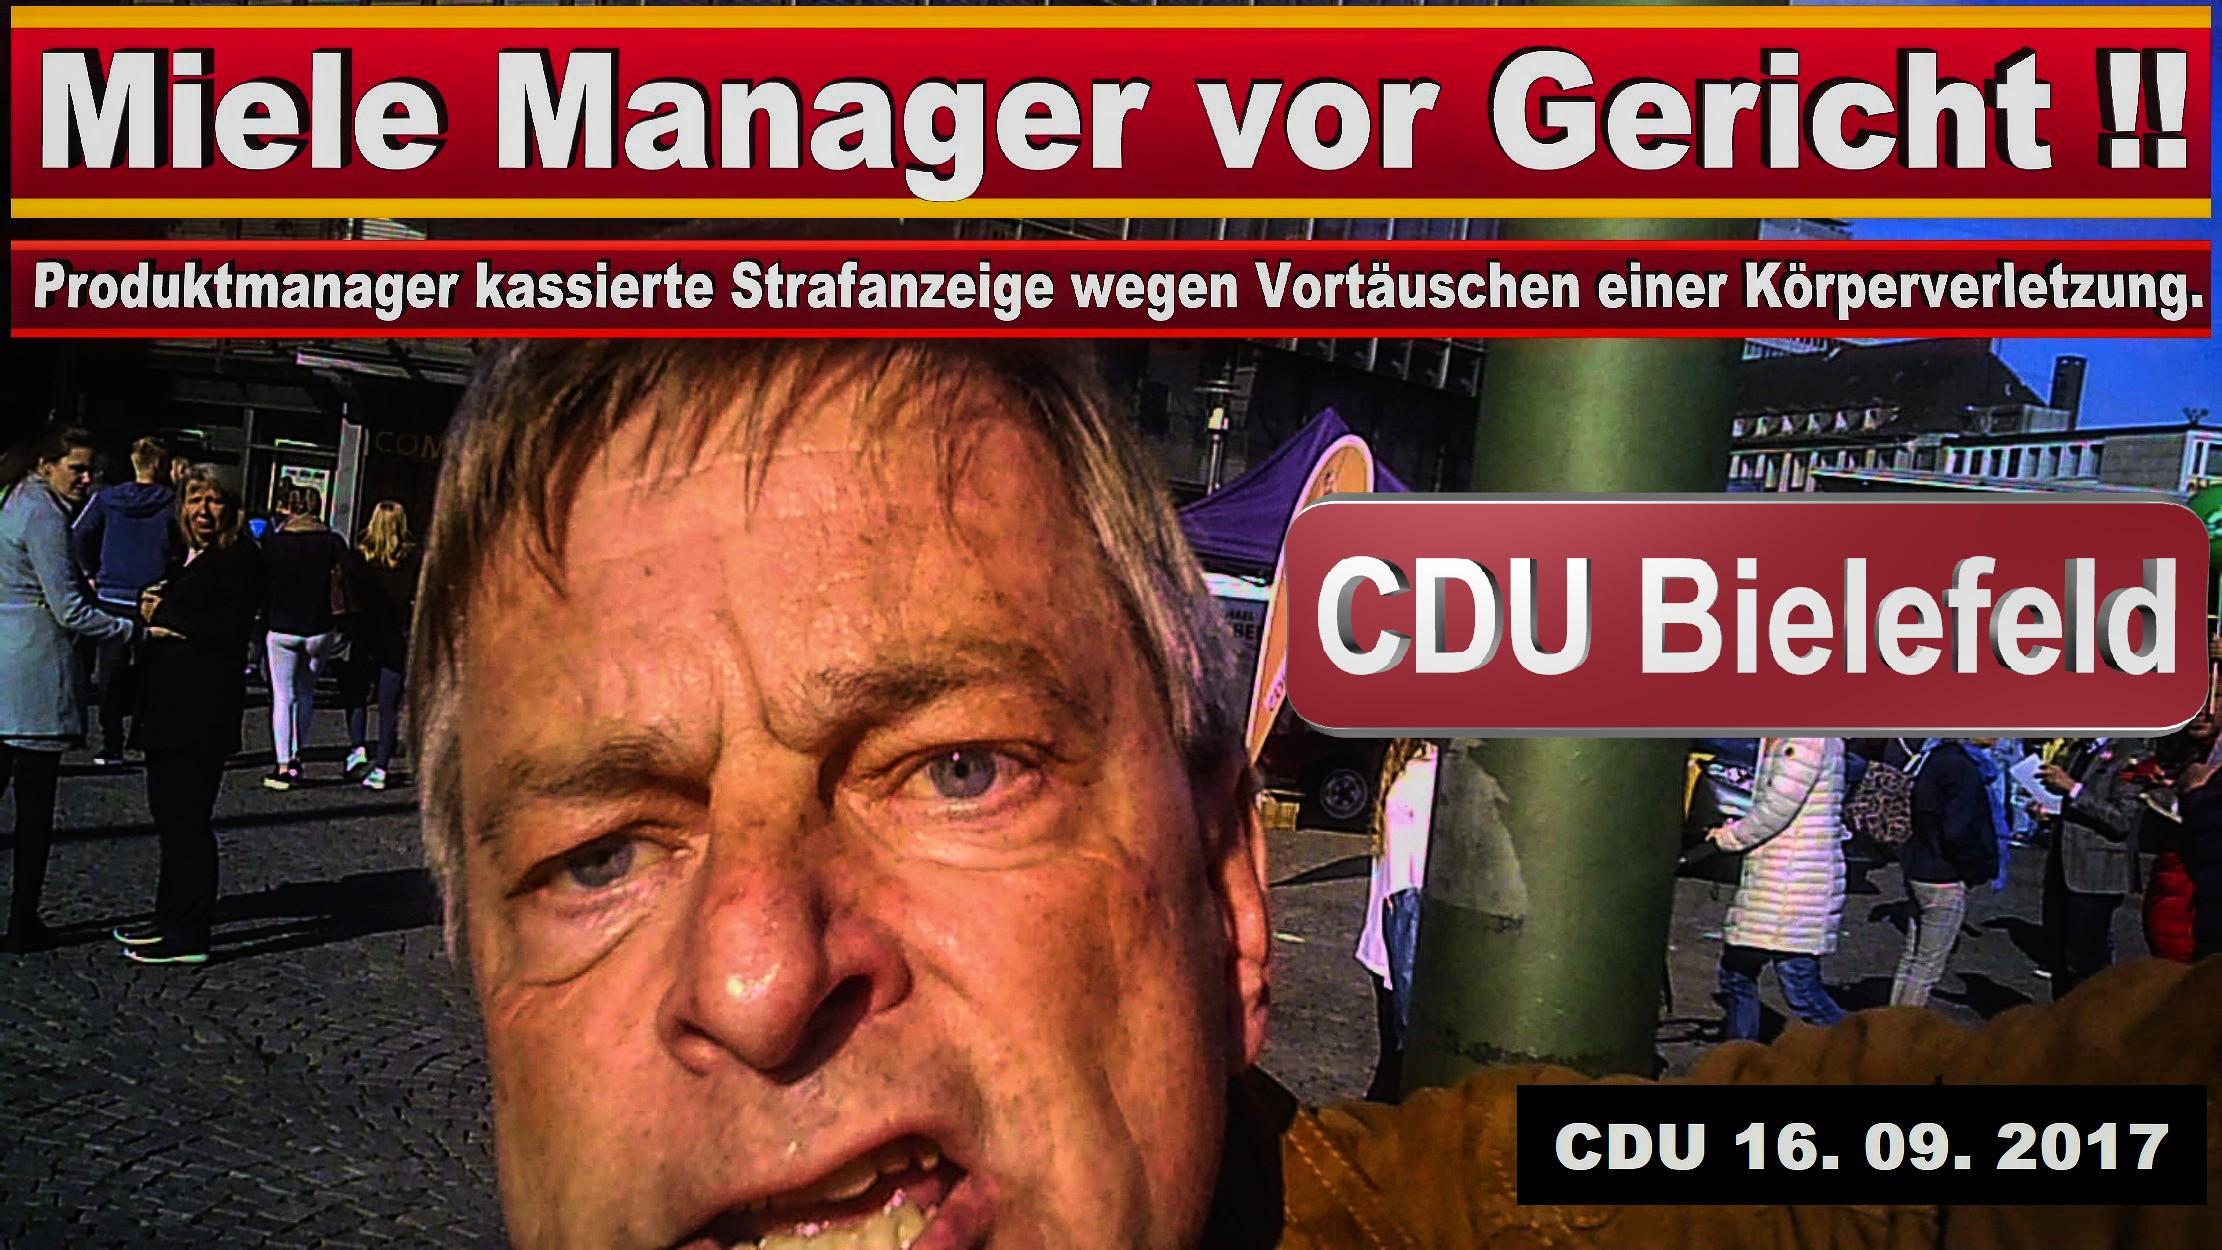 CDU BIELEFELD SCHILDESCHE MICHAEL WEBER MIELE GüTERSLOH PRODUKTMANAGER JURIST SPD FDP AFD BIELEFELD